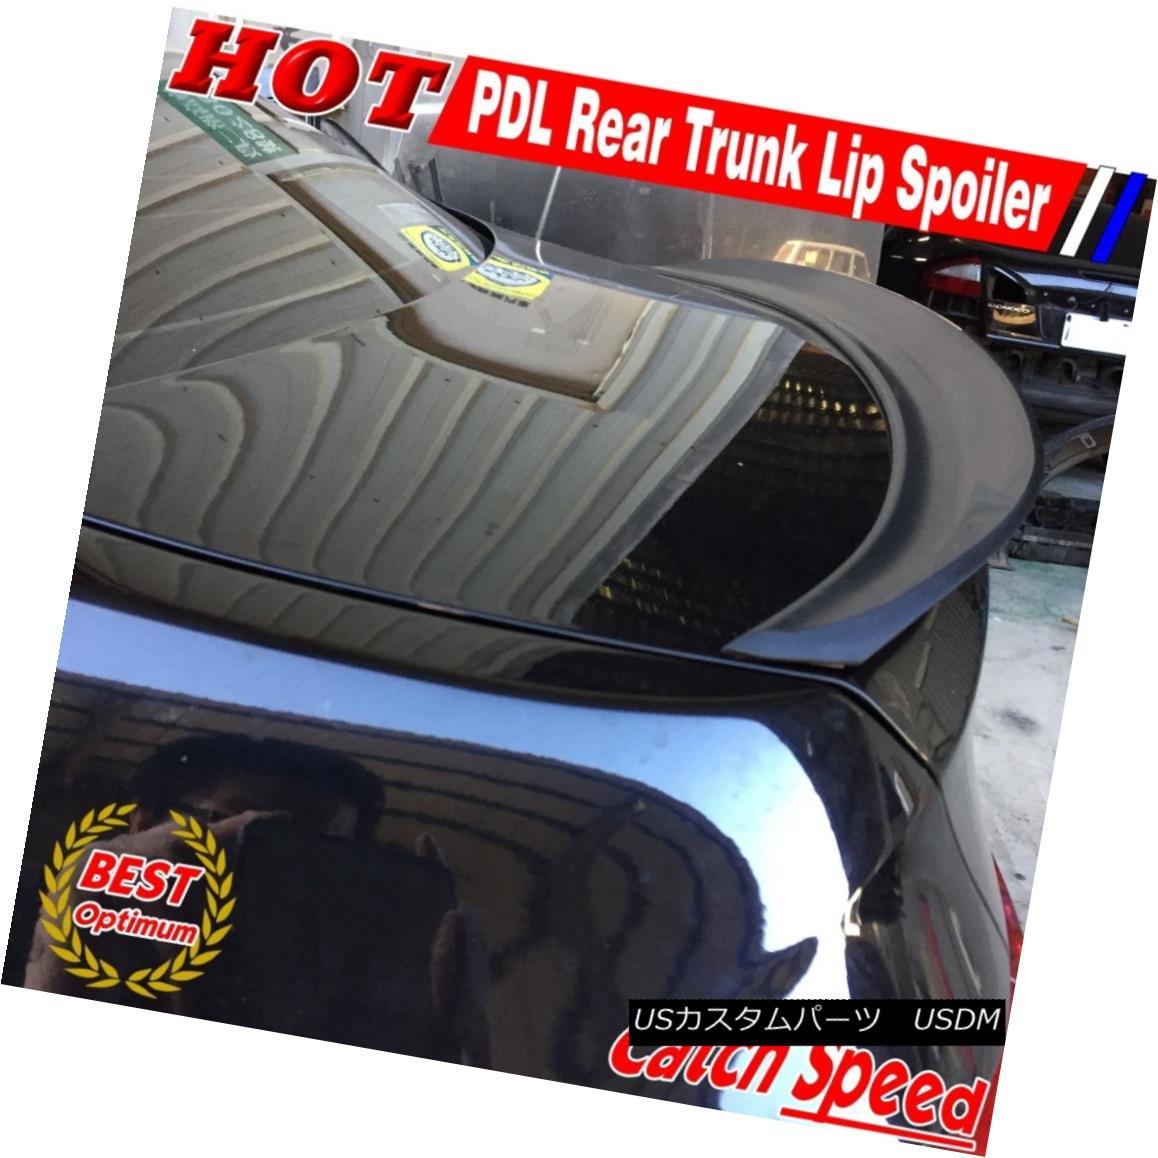 エアロパーツ Painted P Type Rear Trunk Lip Spoiler Wing For Dodge Neon SRT-4 Sedan 2003~2005 ペイントされたPタイプ後部トランクリップスポイラーウィングドッジネオンSRT-4セダン2003?2005